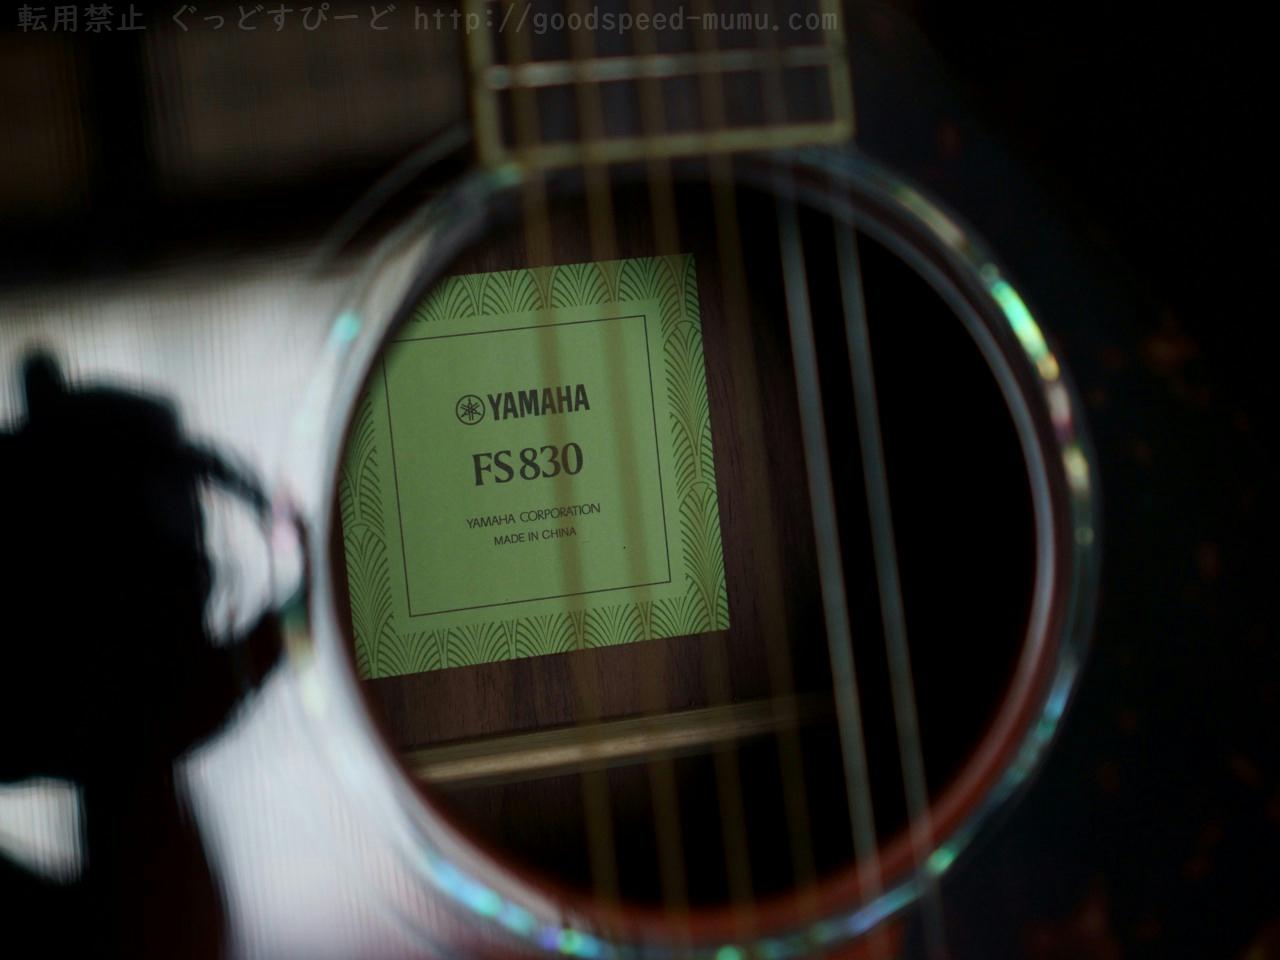 ヤマハのアコースティックギター FS830を購入